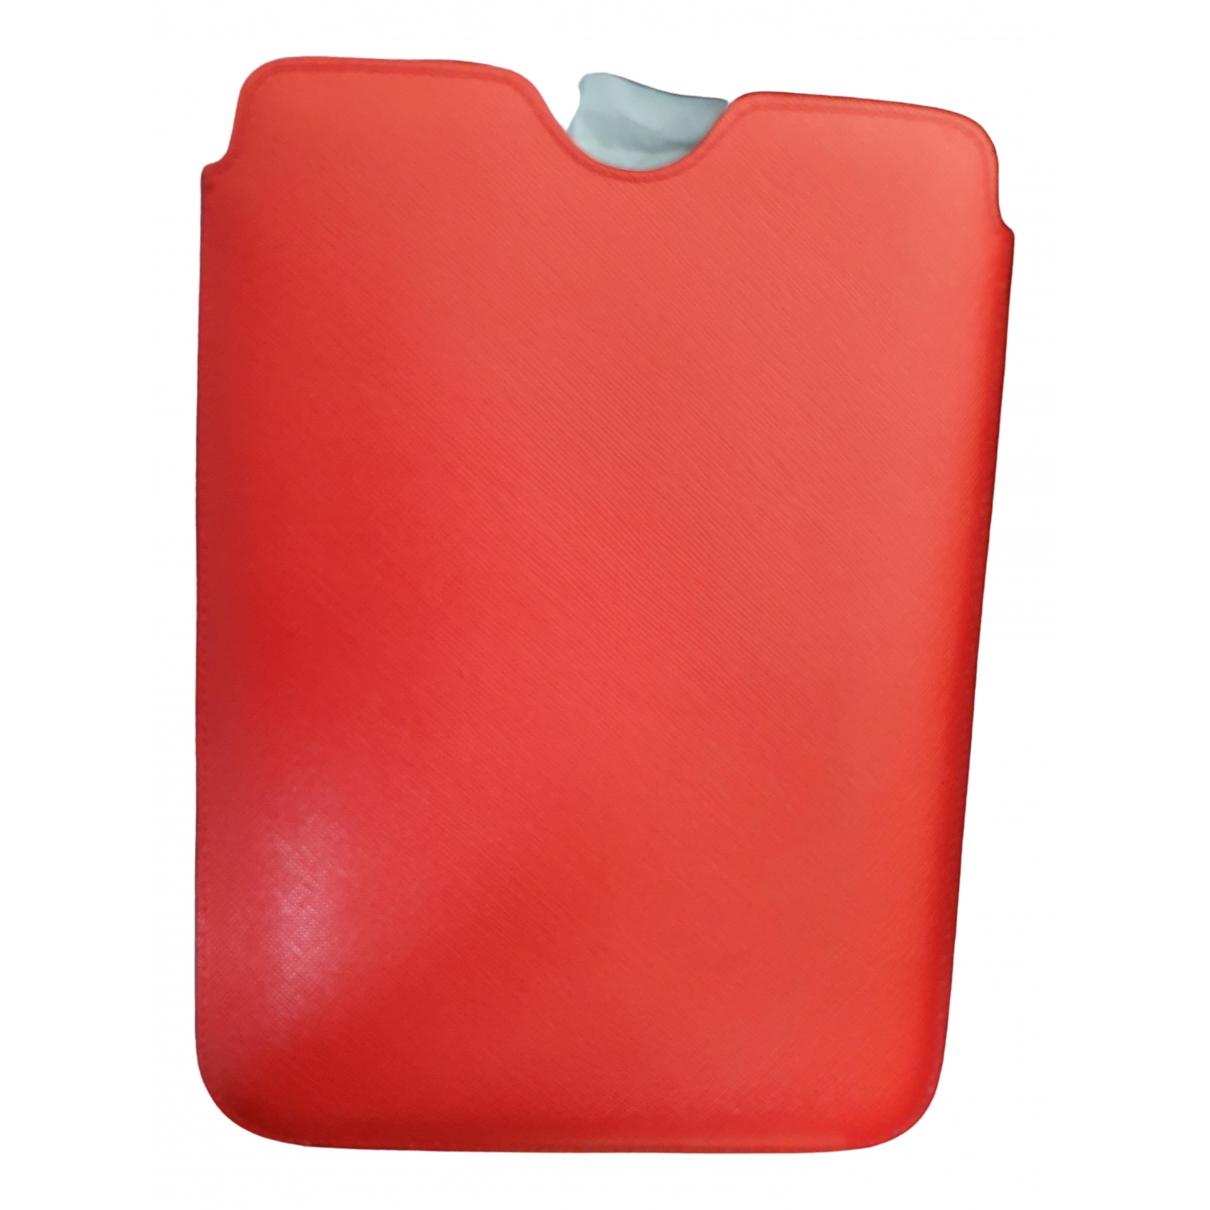 Prada - Accessoires   pour lifestyle en cuir - rouge